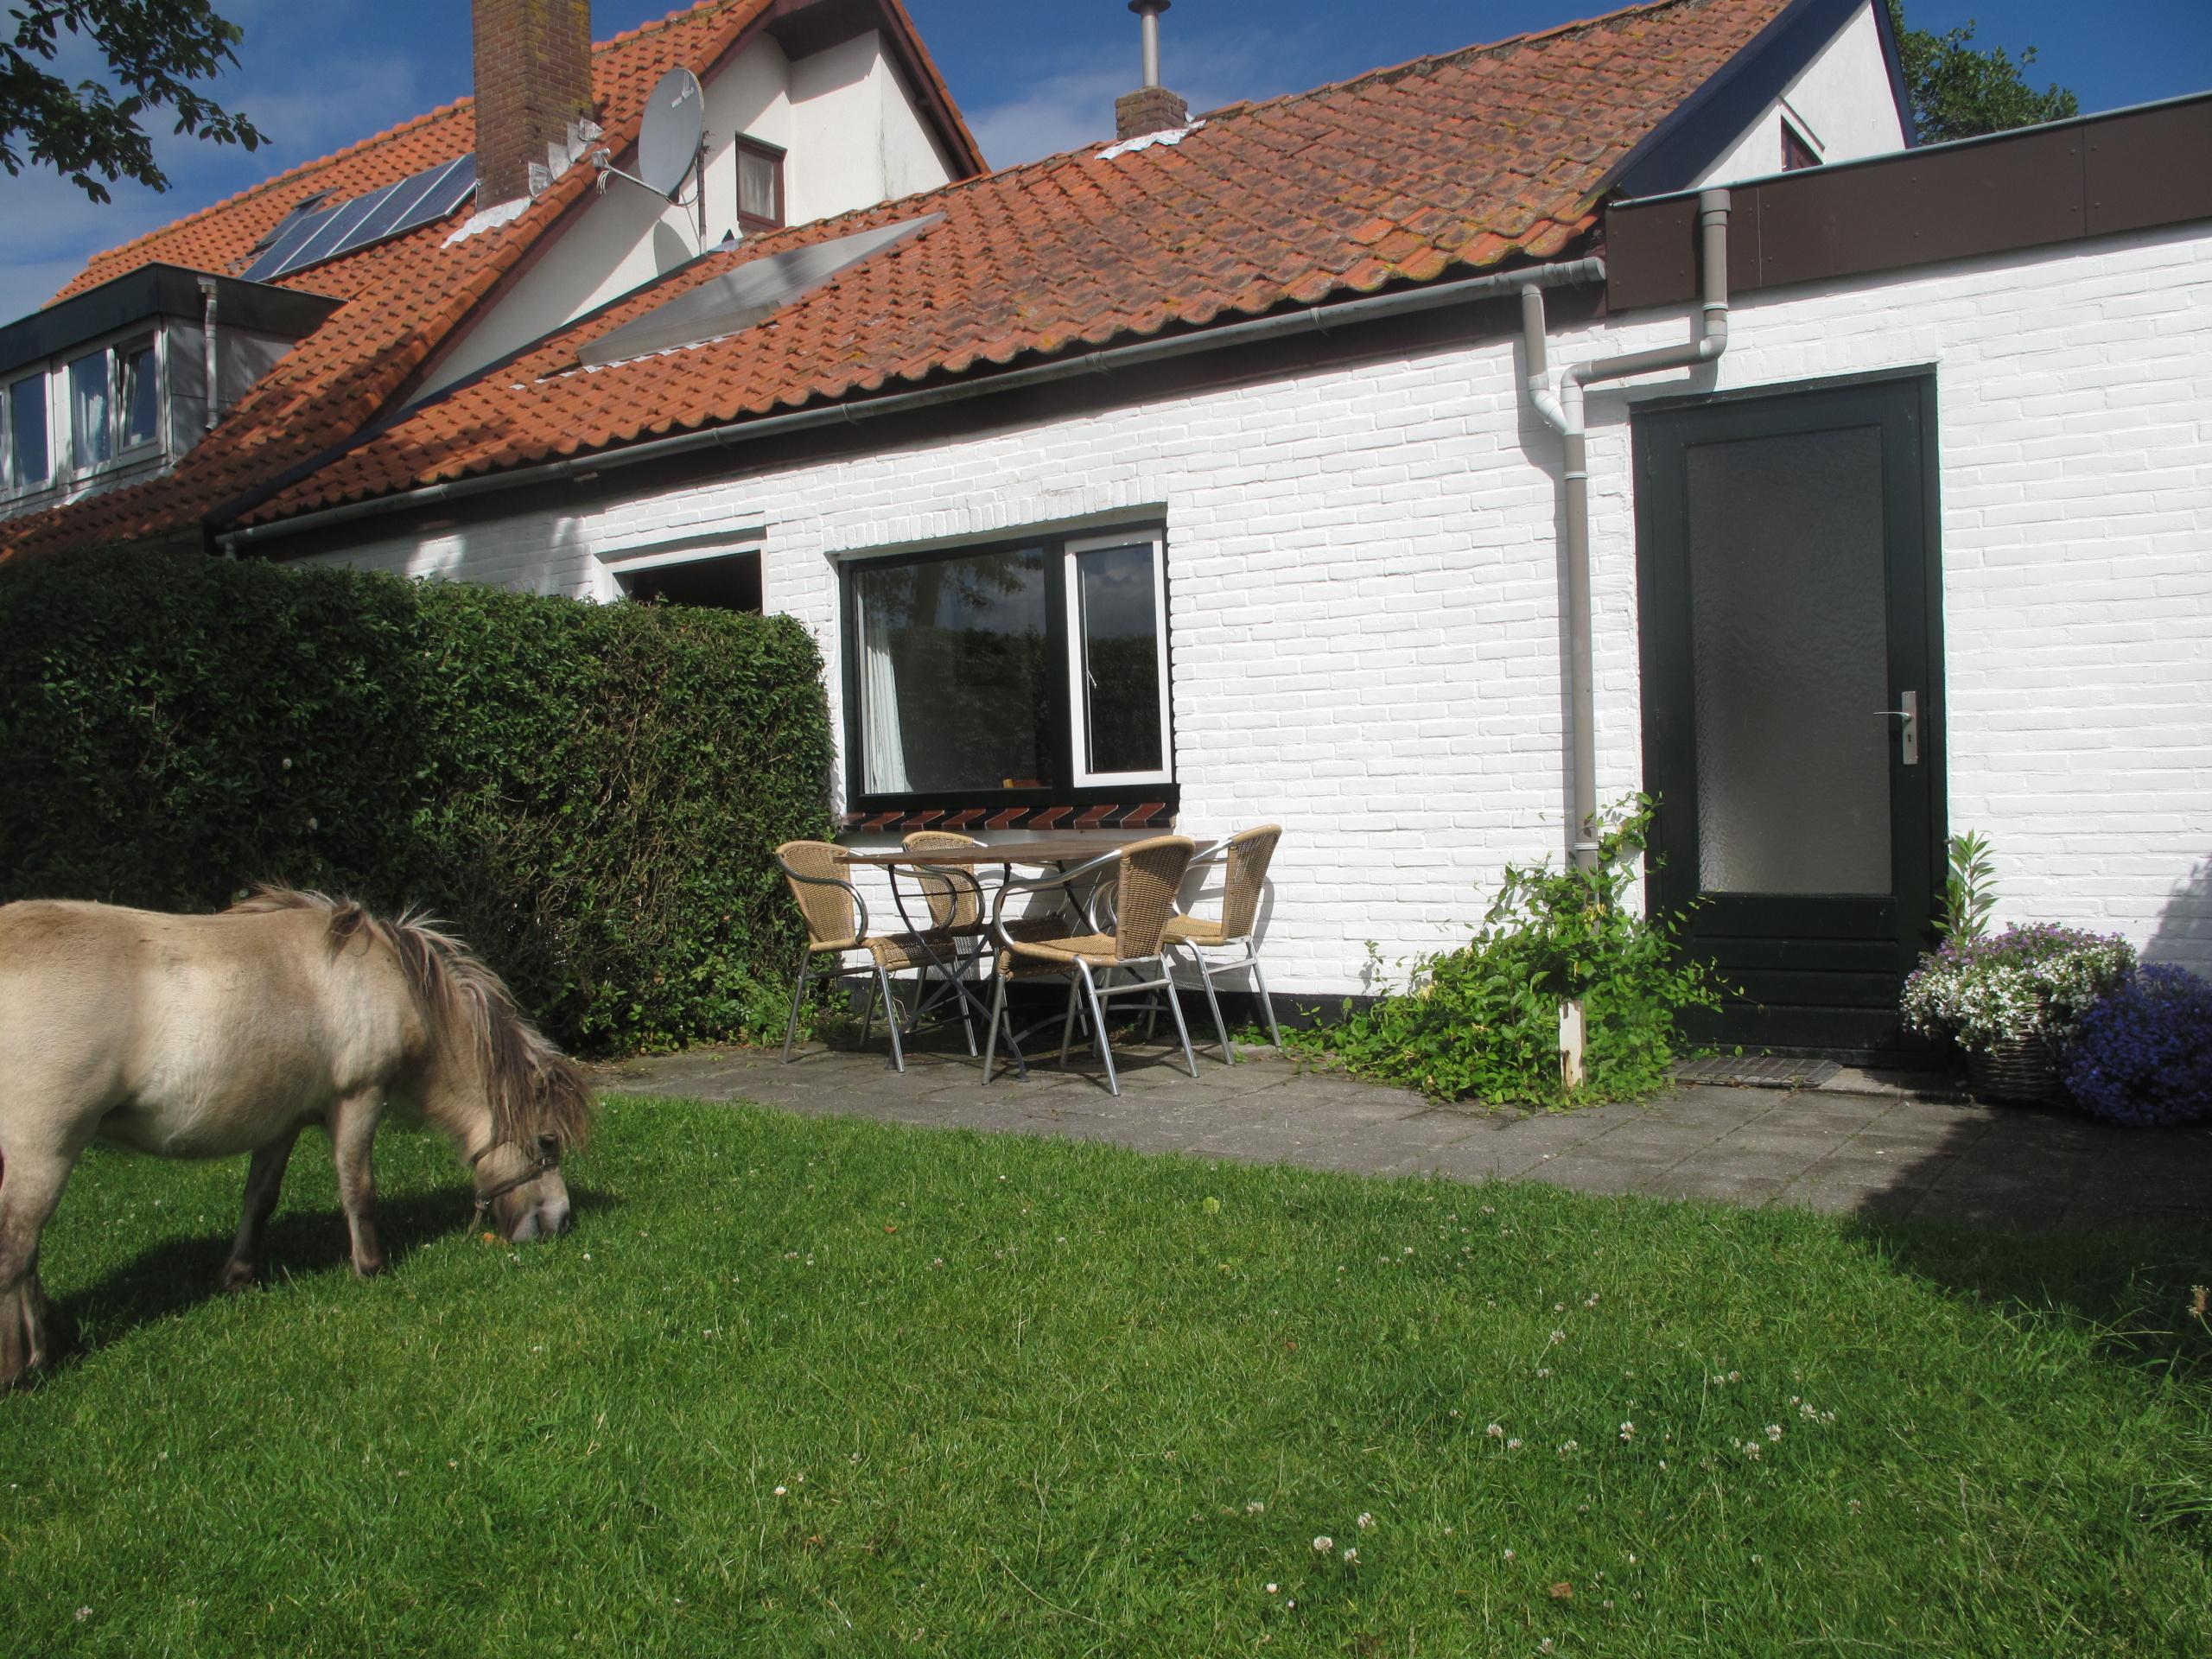 Entspannen in gemütlich Ferienhaus auf einem Privatgrundstück zwischen Texels Wiesen und Tieren